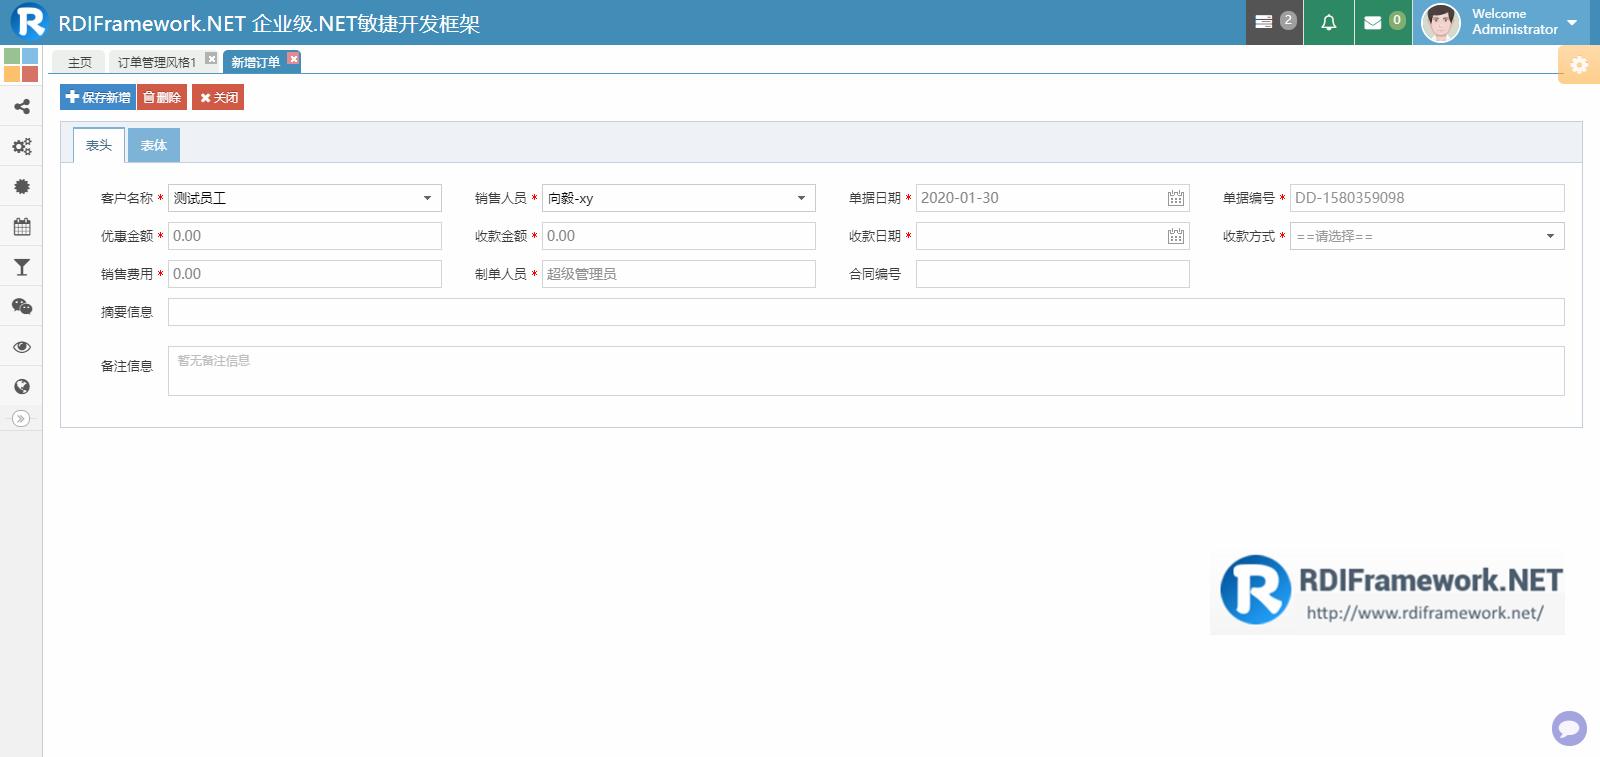 订单管理-新增订单-表头